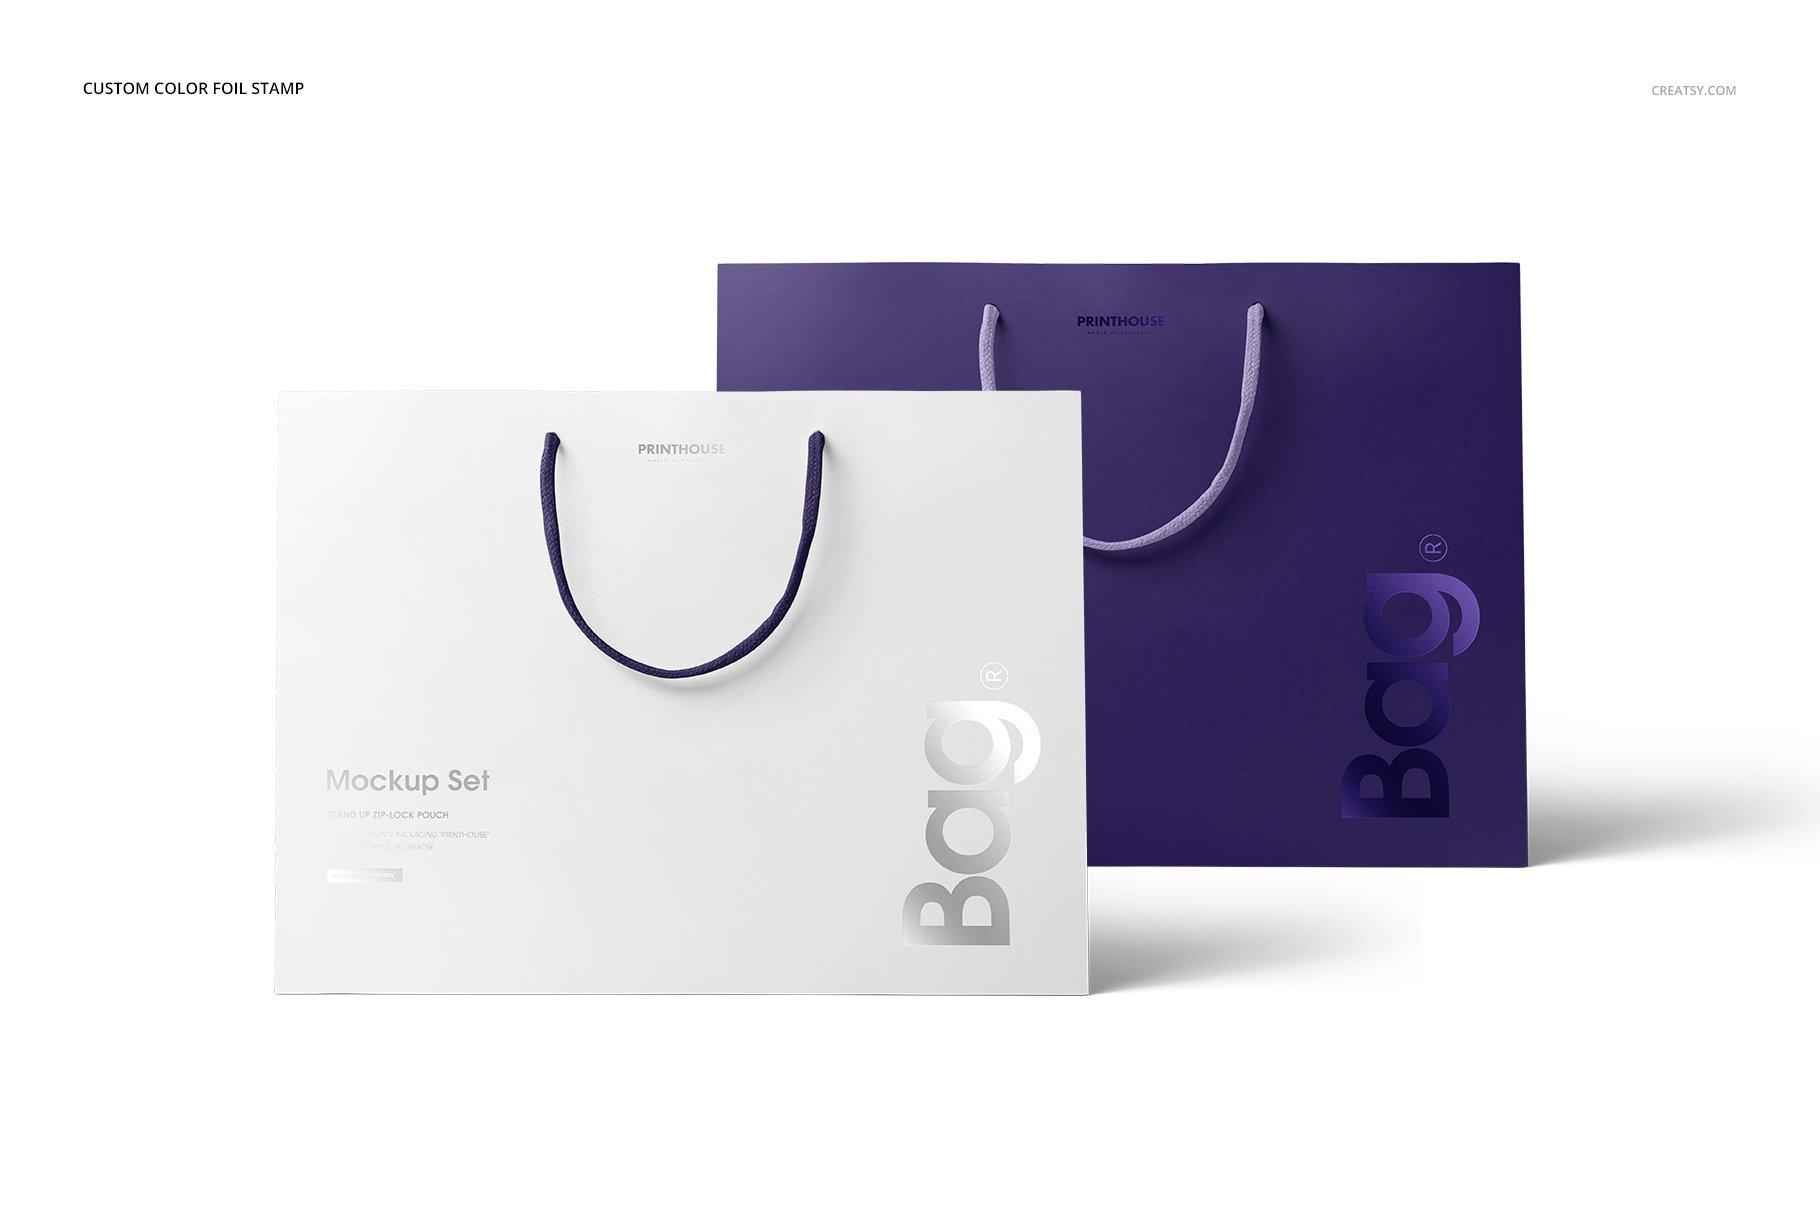 极简购物手提纸袋设计展示贴图样机PS设计素材 Eurotote Bag Mockup Set 1插图(3)